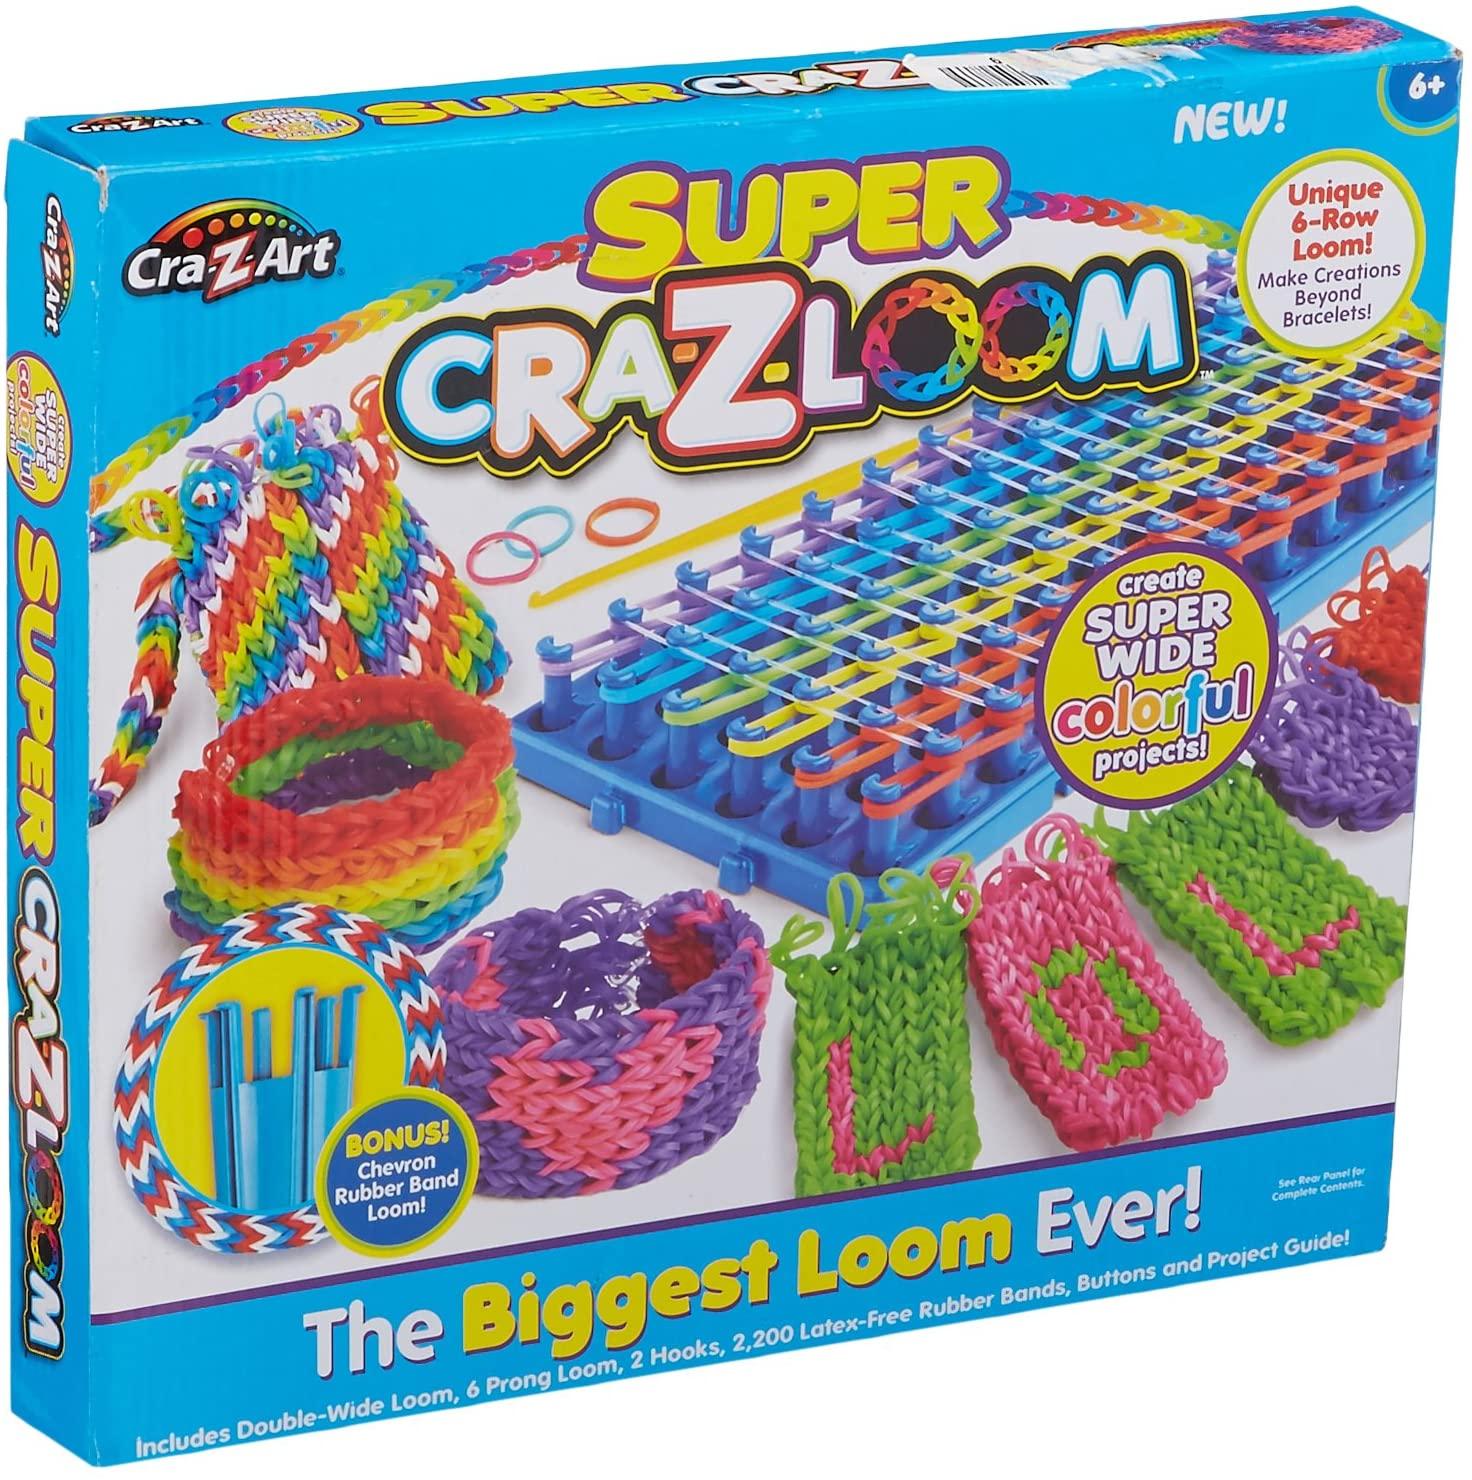 Cra-Z-Art CRA-Z-Loom Super CRA-z-Loom